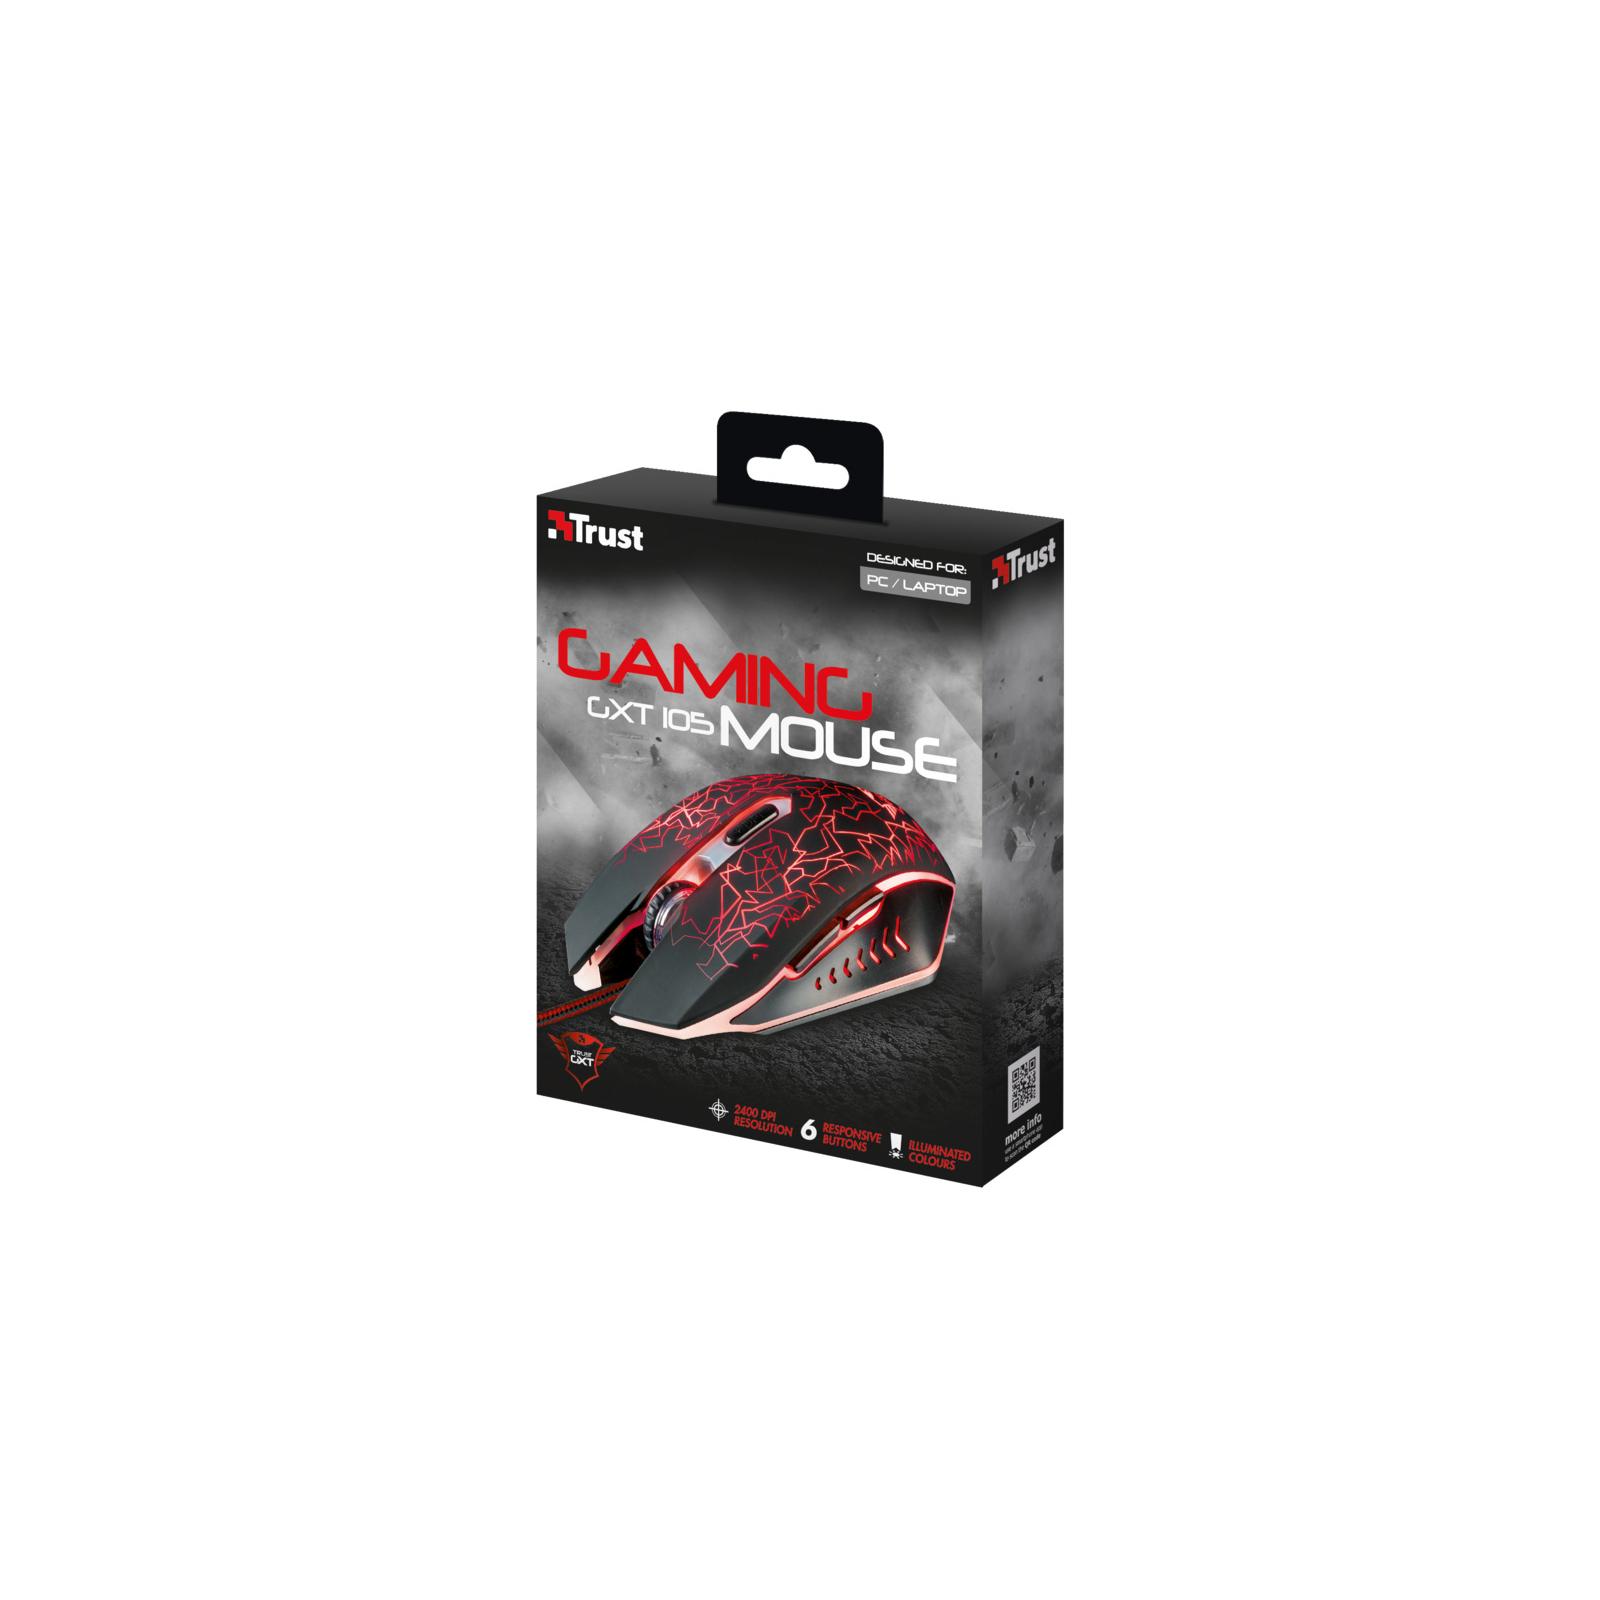 Мышка Trust GXT 105 Gaming Mouse (21683) изображение 8